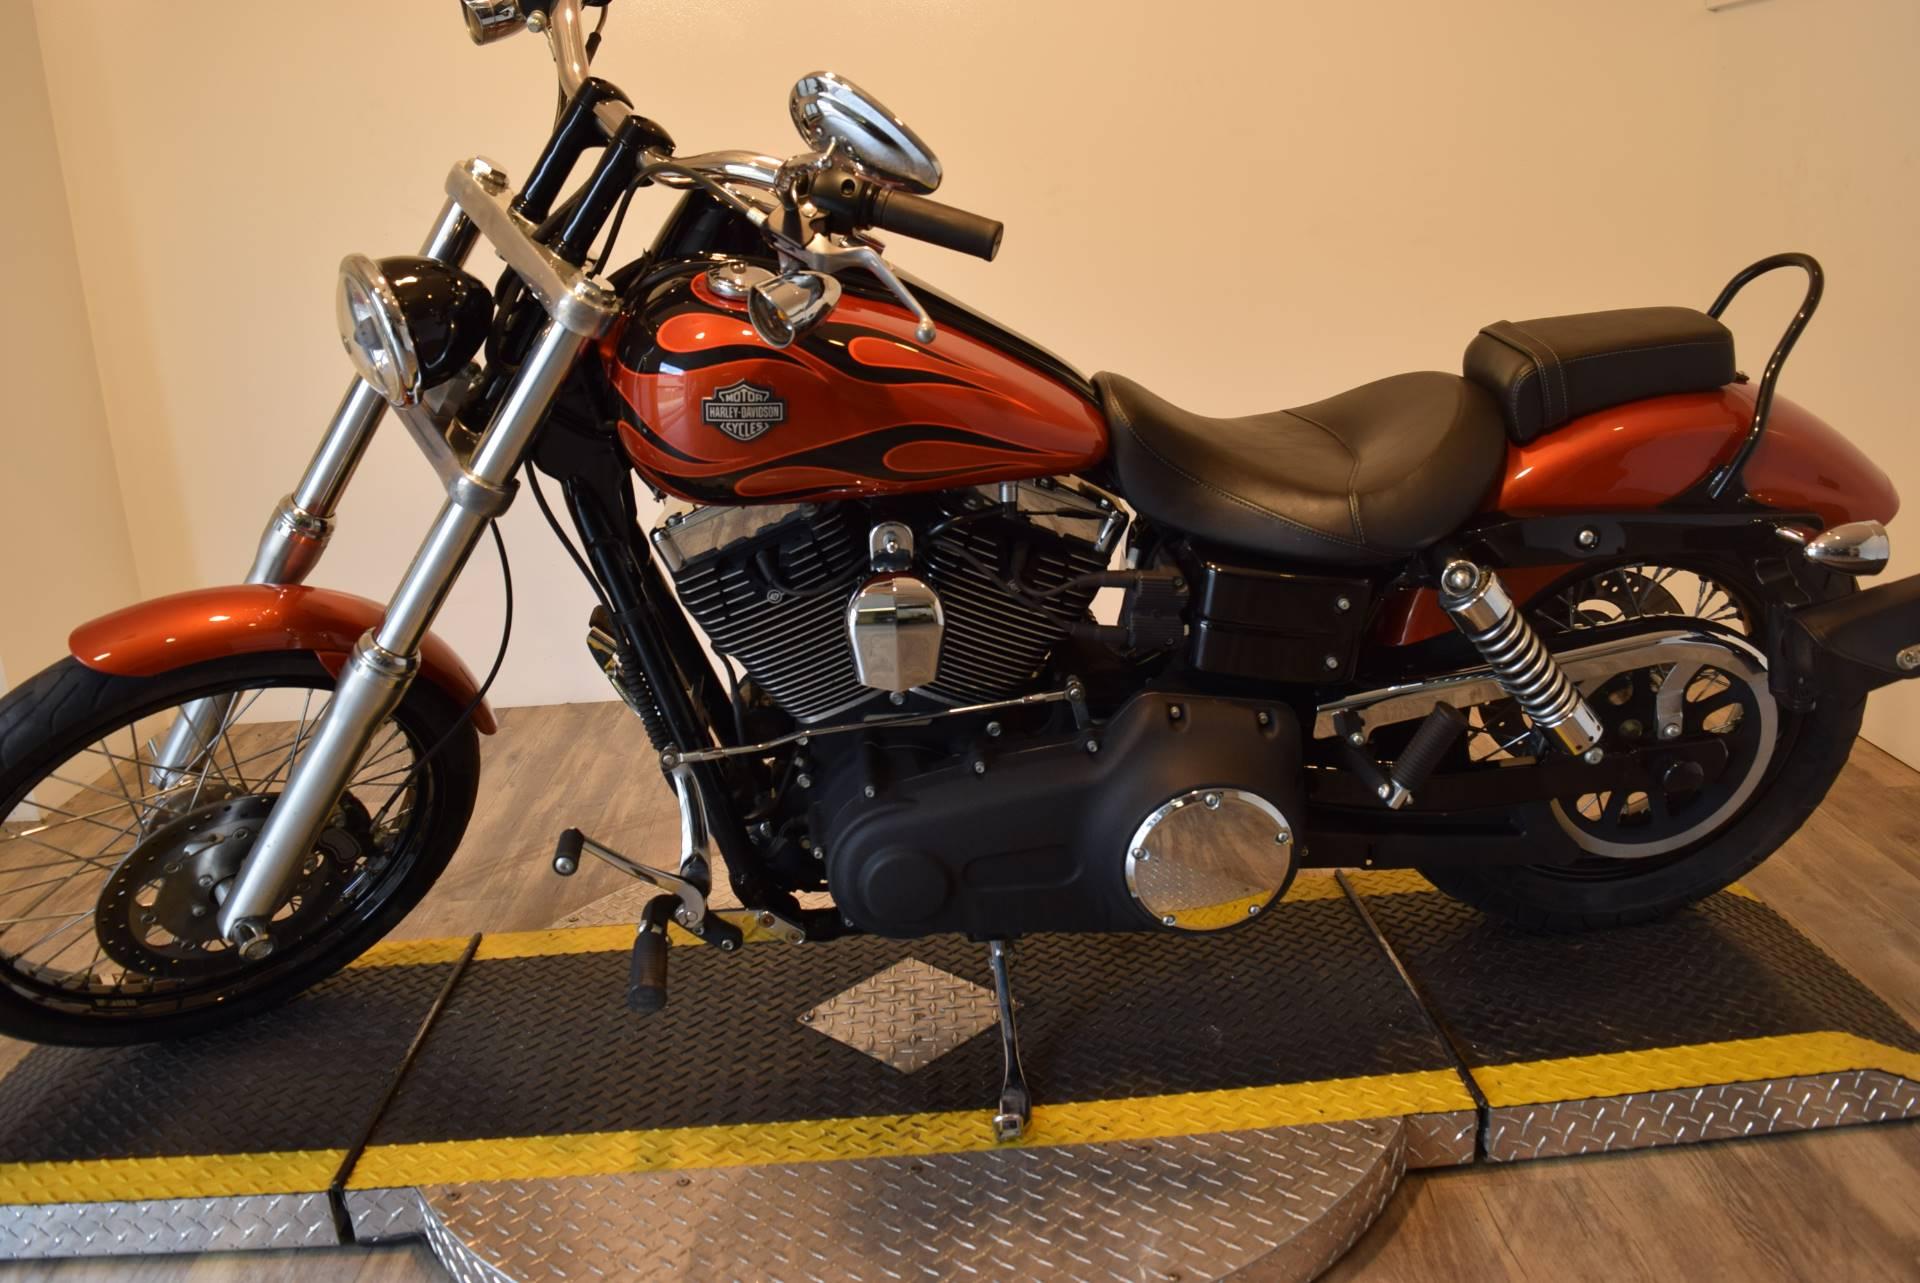 2011 harley davidson dyna wide glide for sale wauconda il 64273. Black Bedroom Furniture Sets. Home Design Ideas